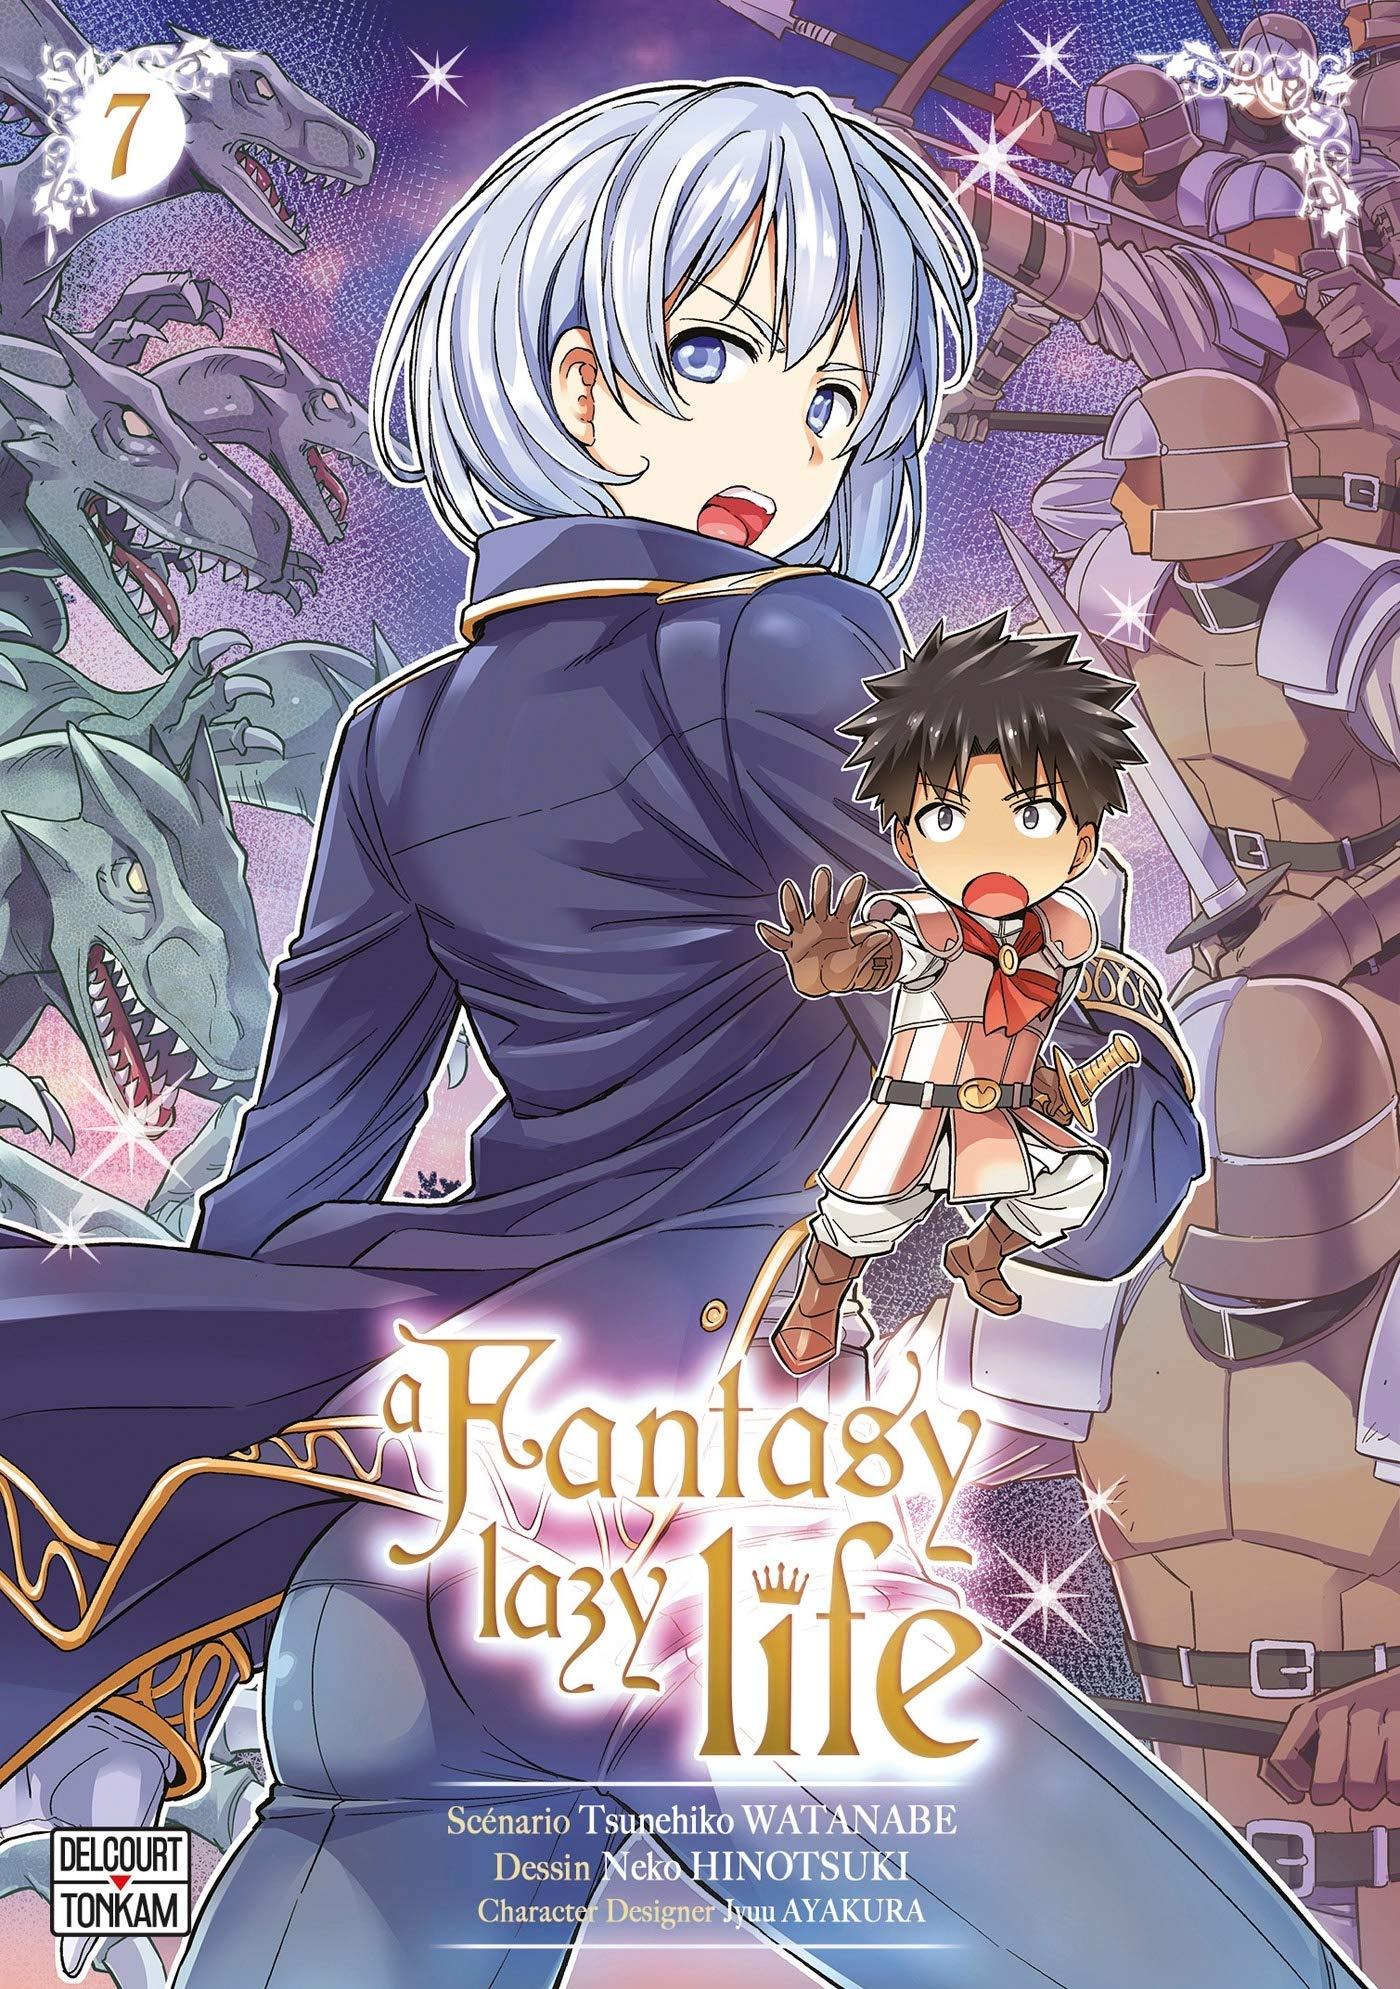 A Fantasy Lazy Life 7